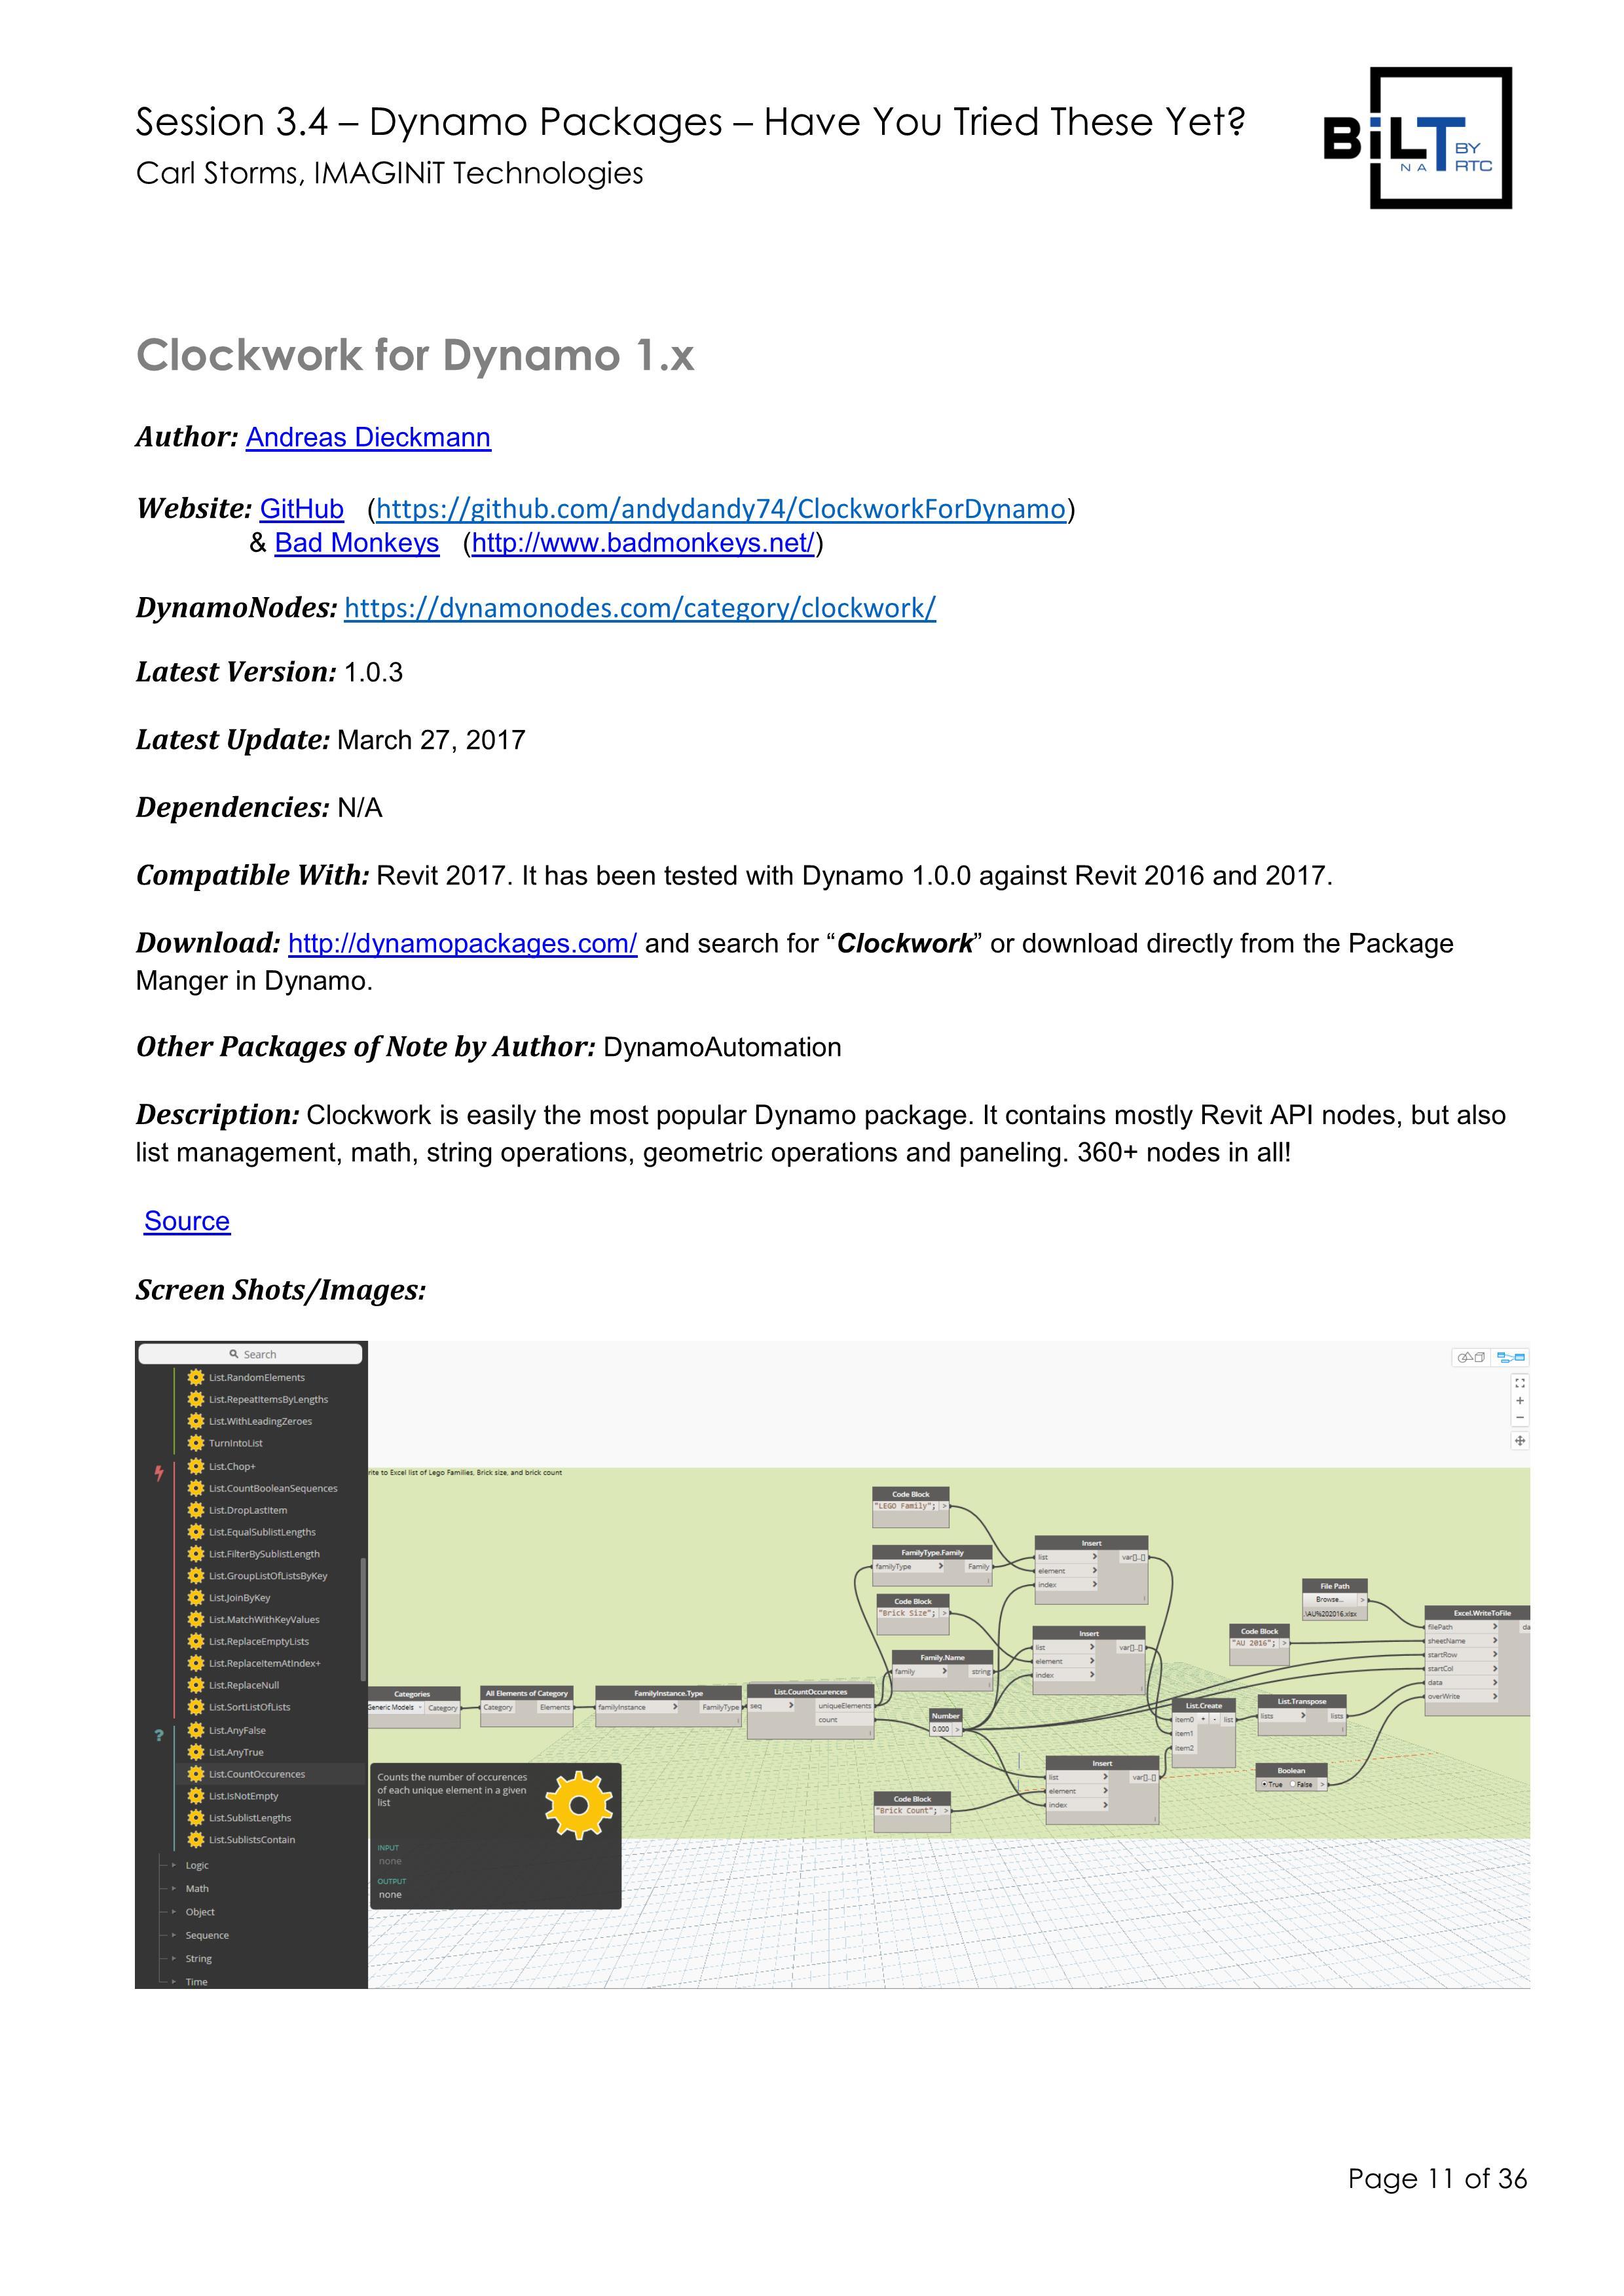 DynamoPackagesHaveYouTried Page 011.jpg